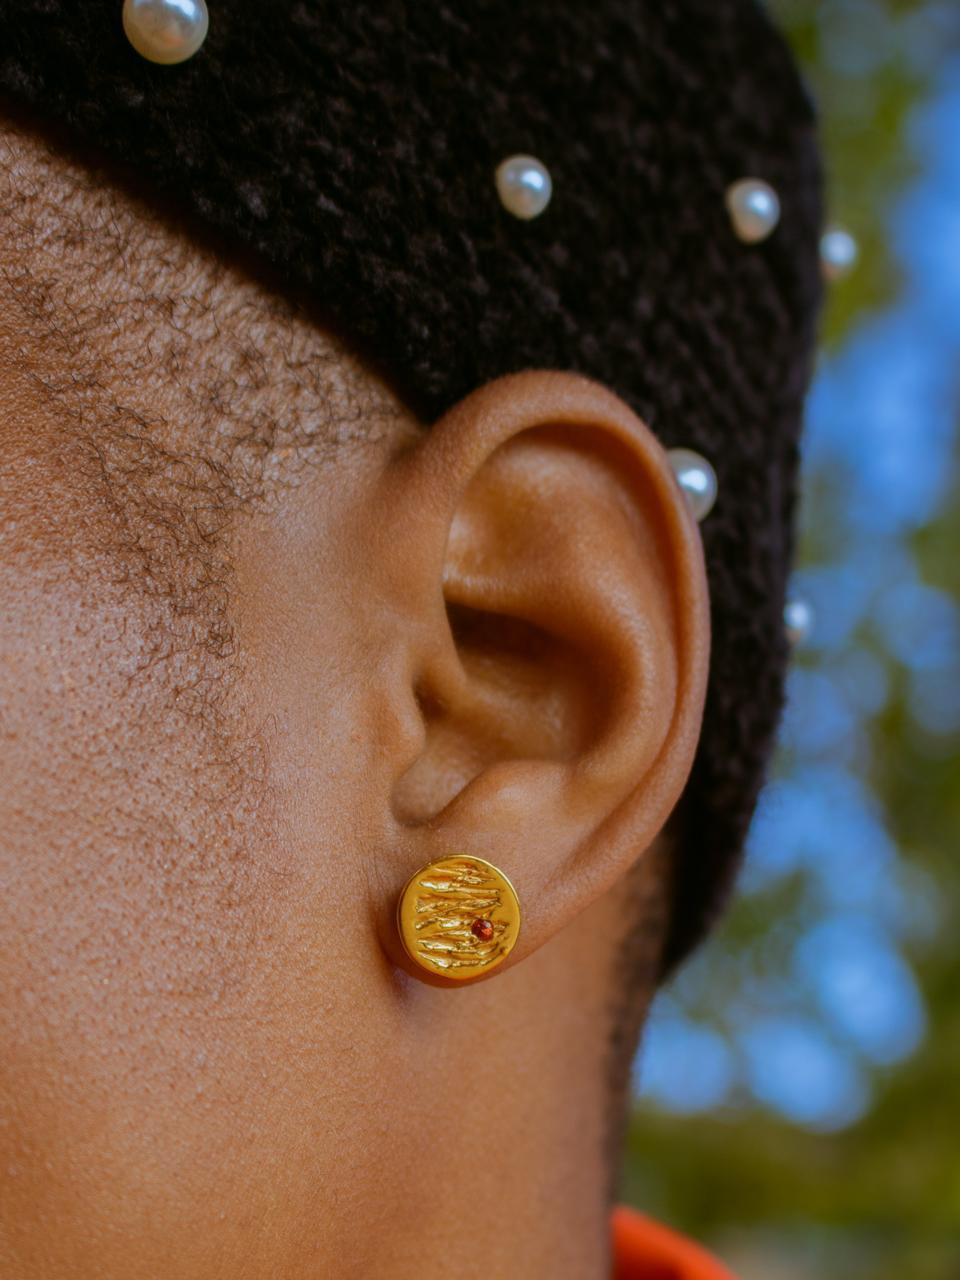 The Jupiter earrings by Kassandra Lauren Gordon, 18kt gold vermeil with red sapphires.